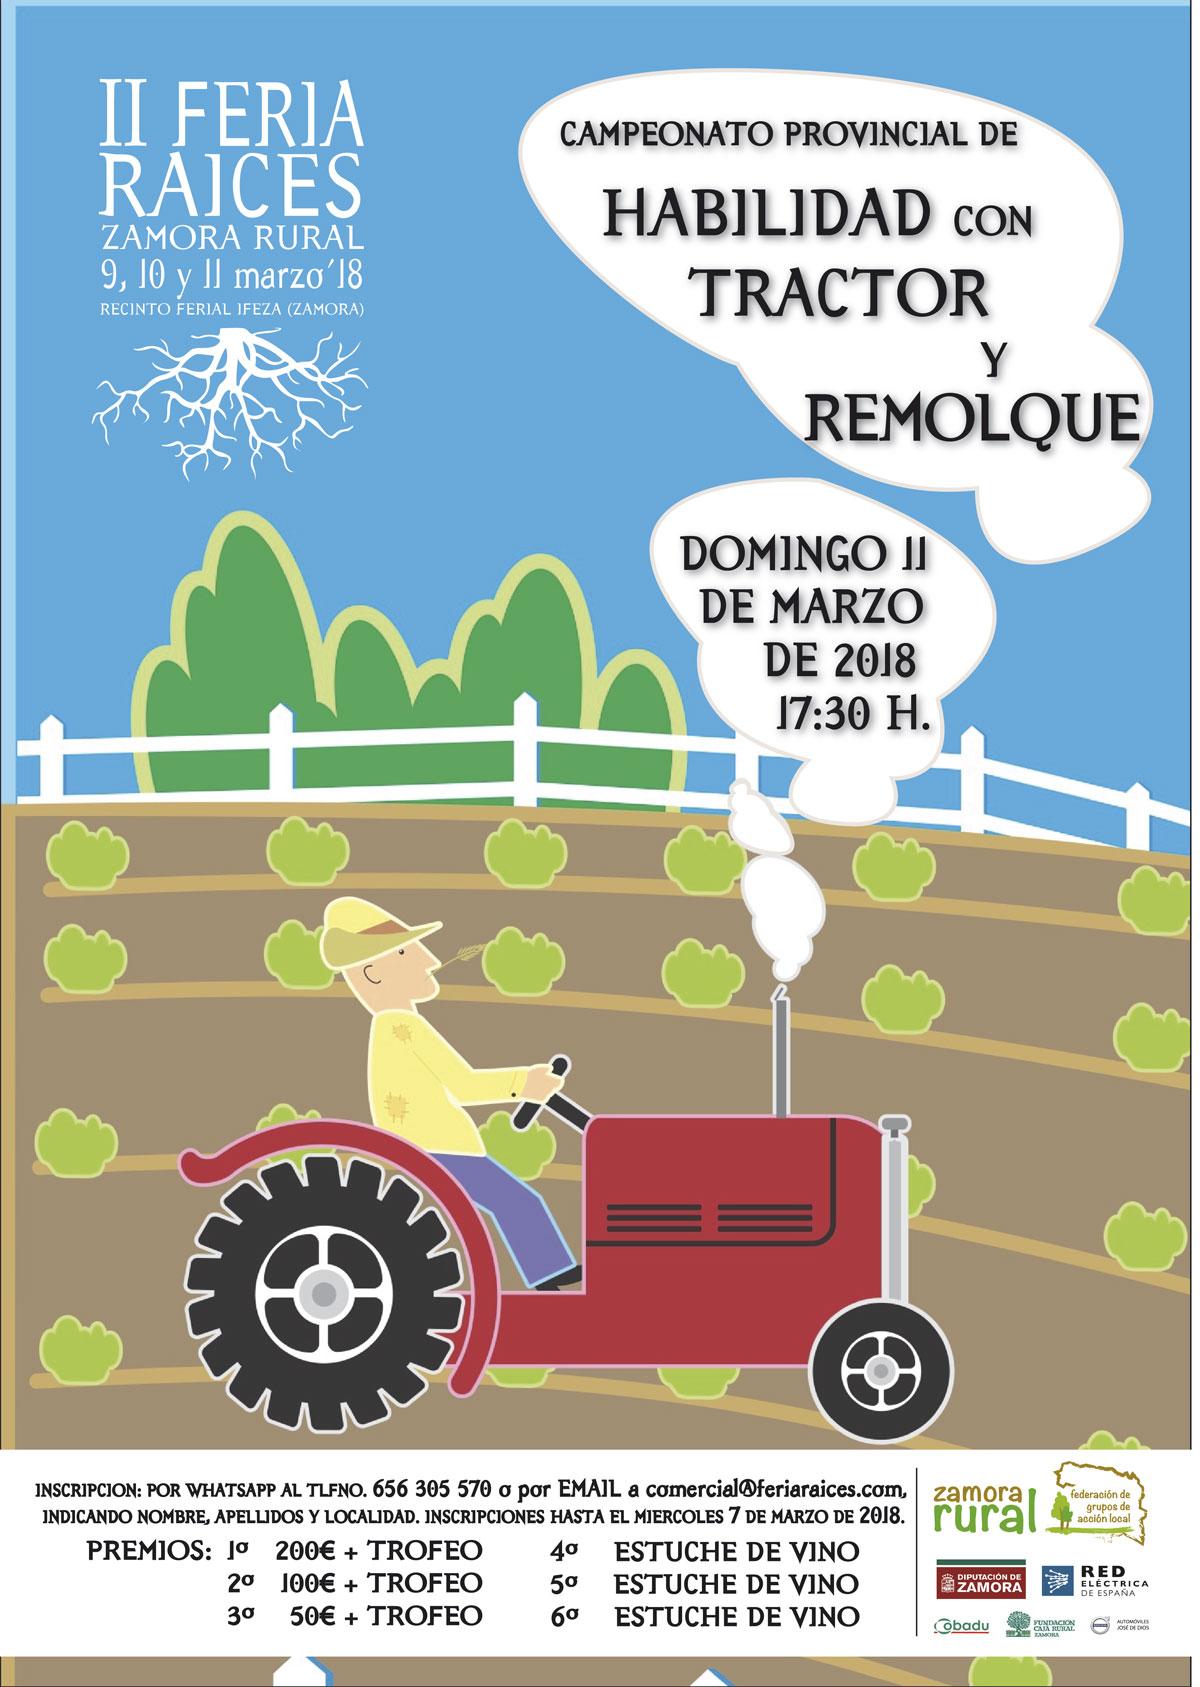 Campeonato Provincial de Habilidad con Tractor y Remolque